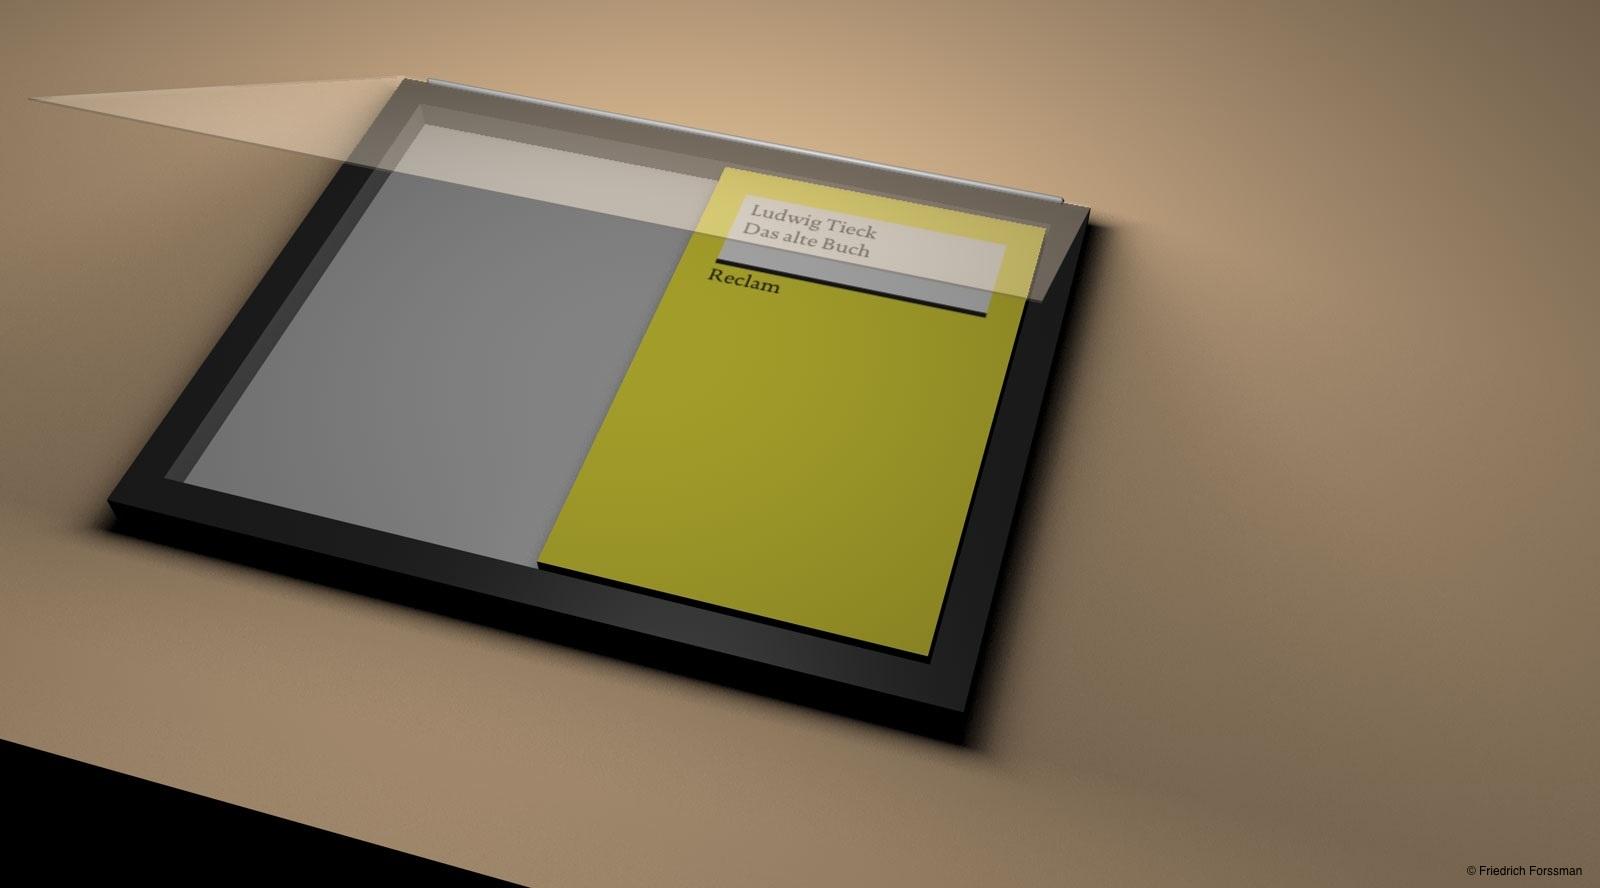 ... klappe das BragBook™ auf und lege das Buch hinein ...